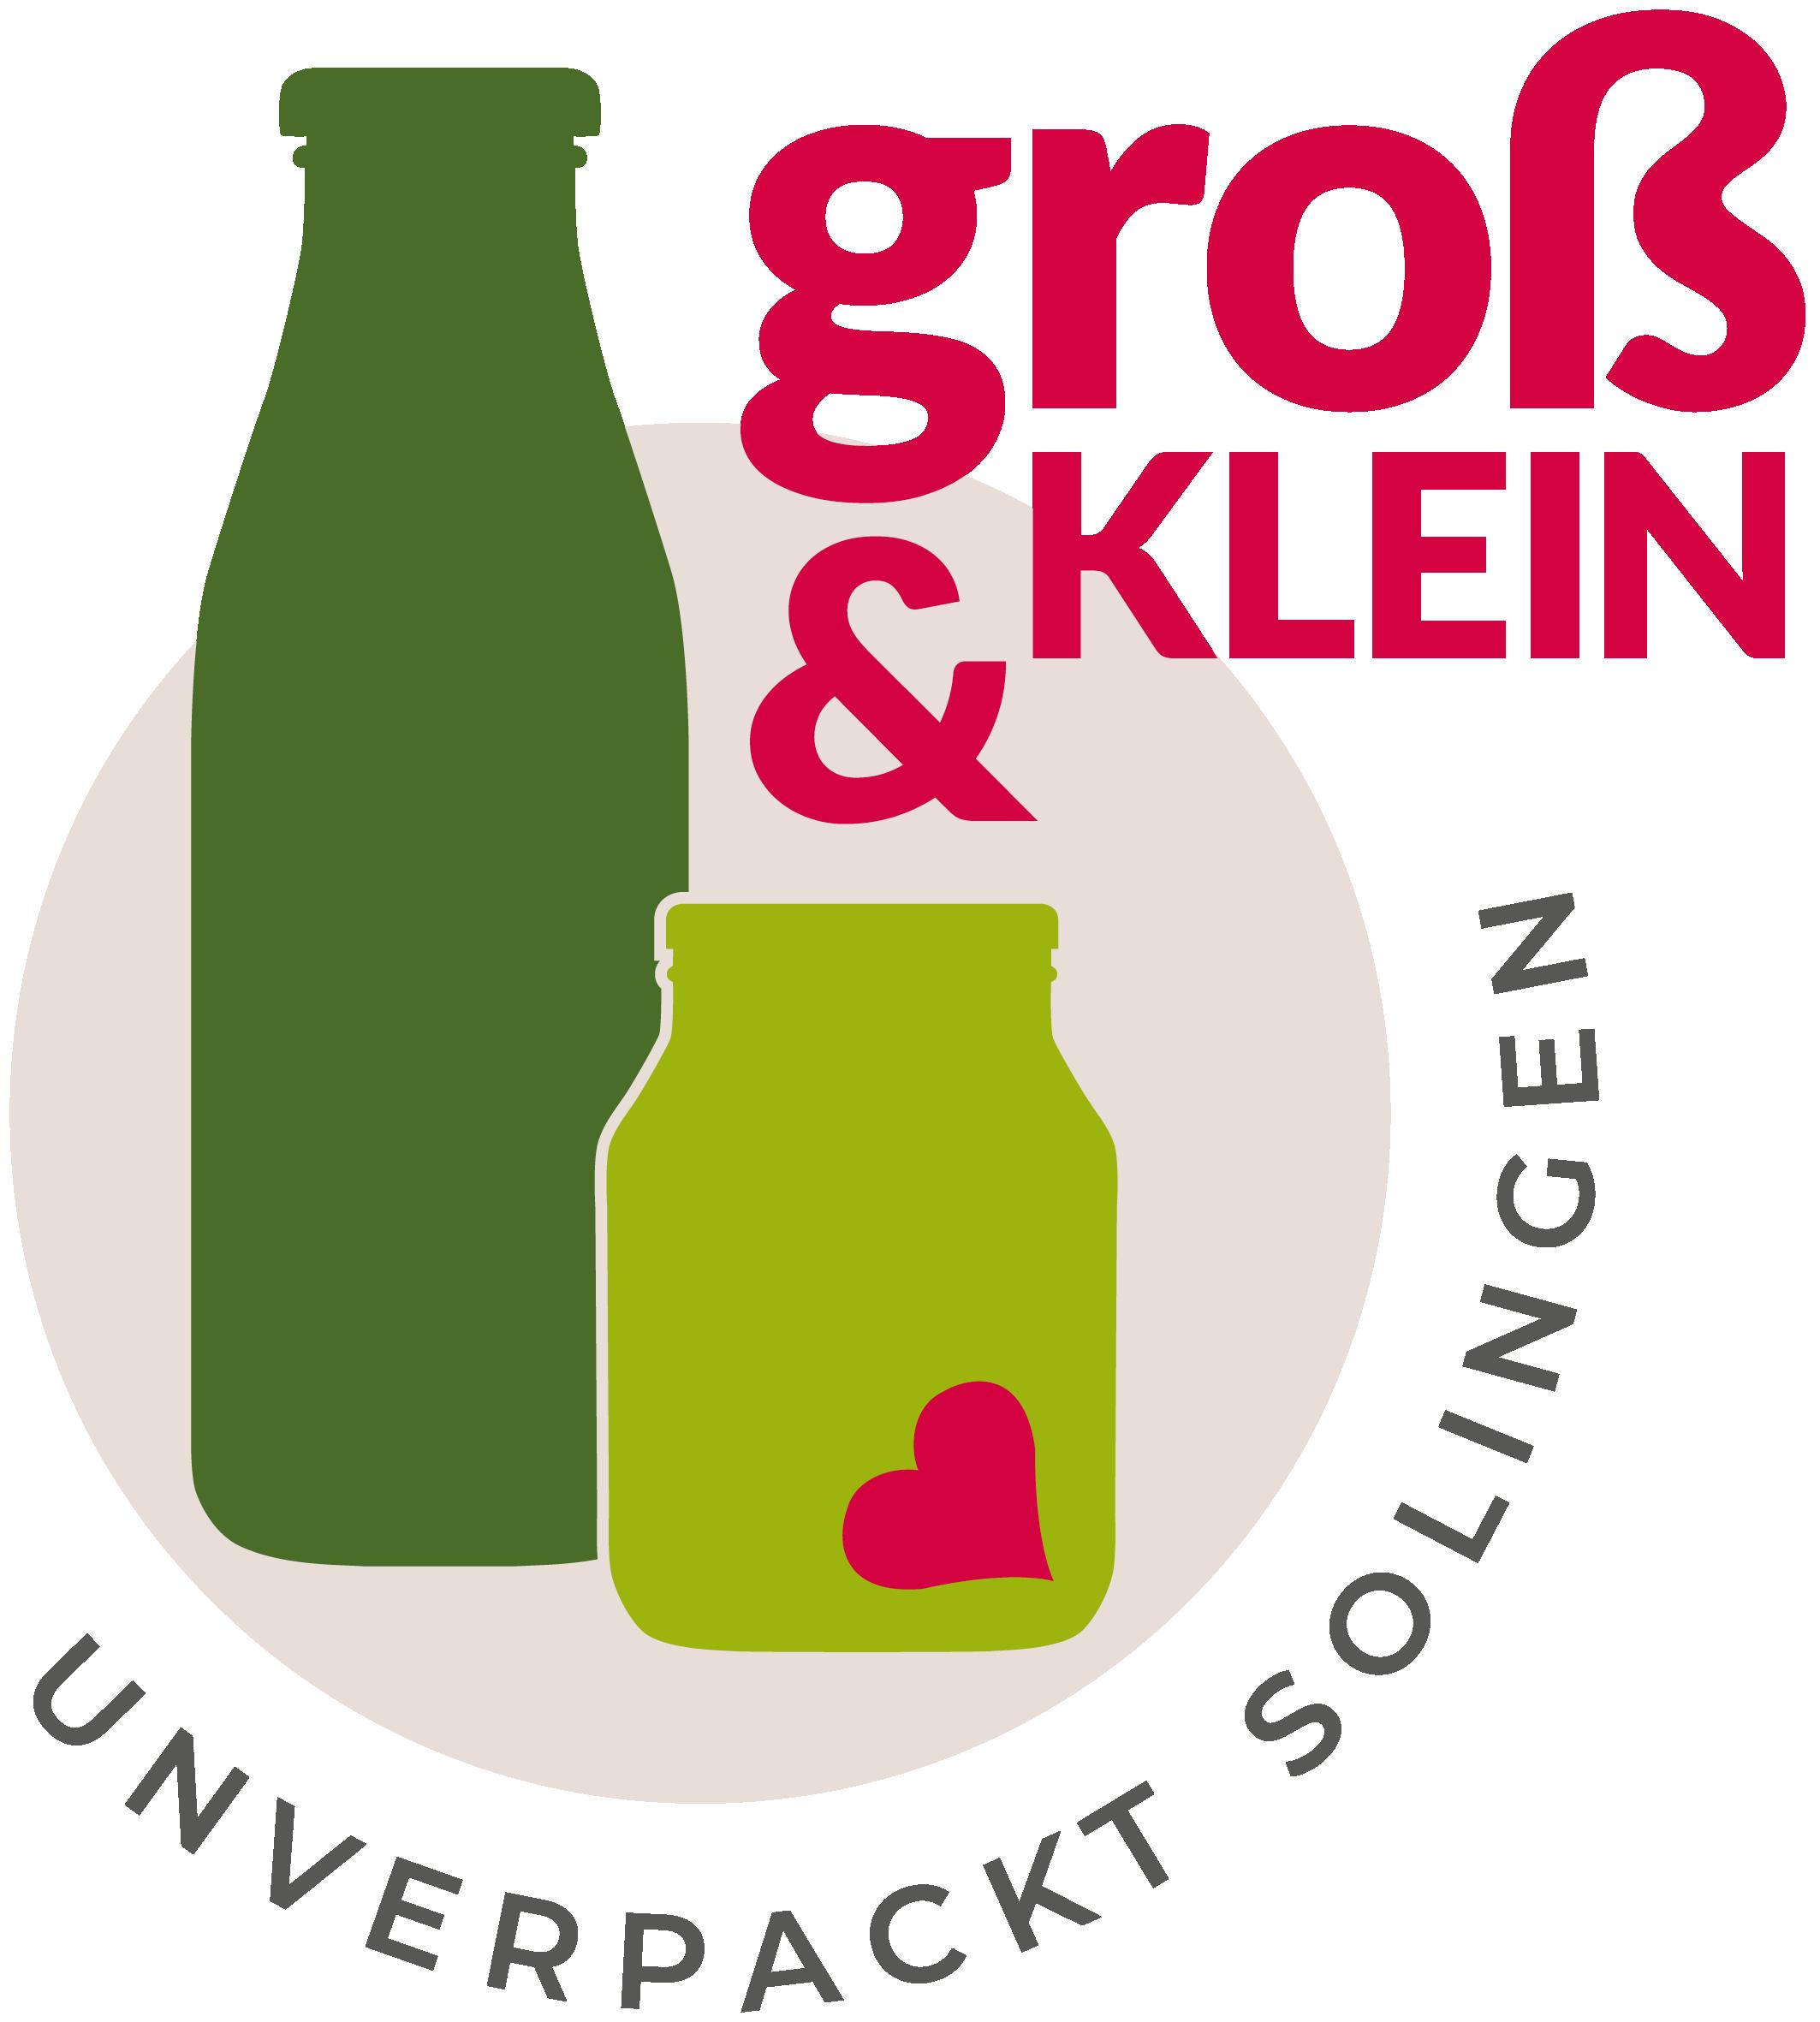 Groß & Klein